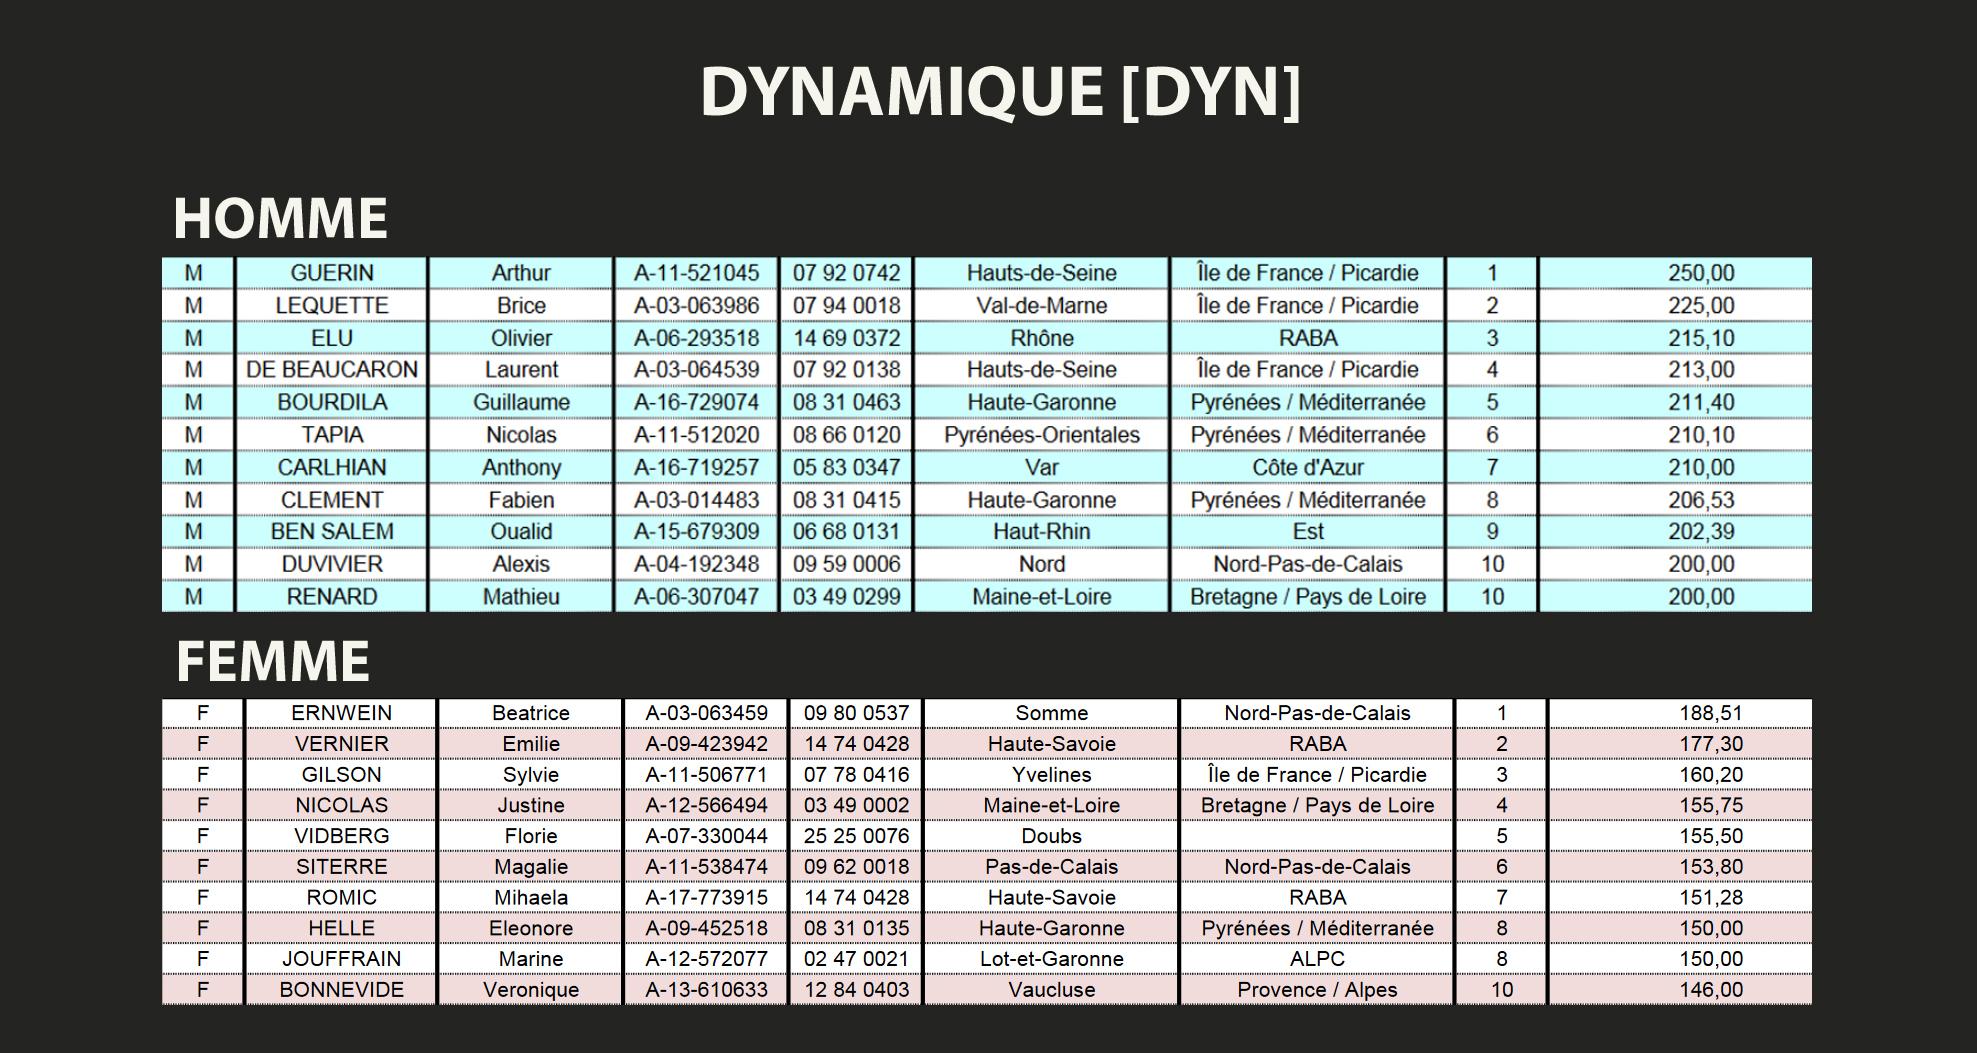 DYN2017